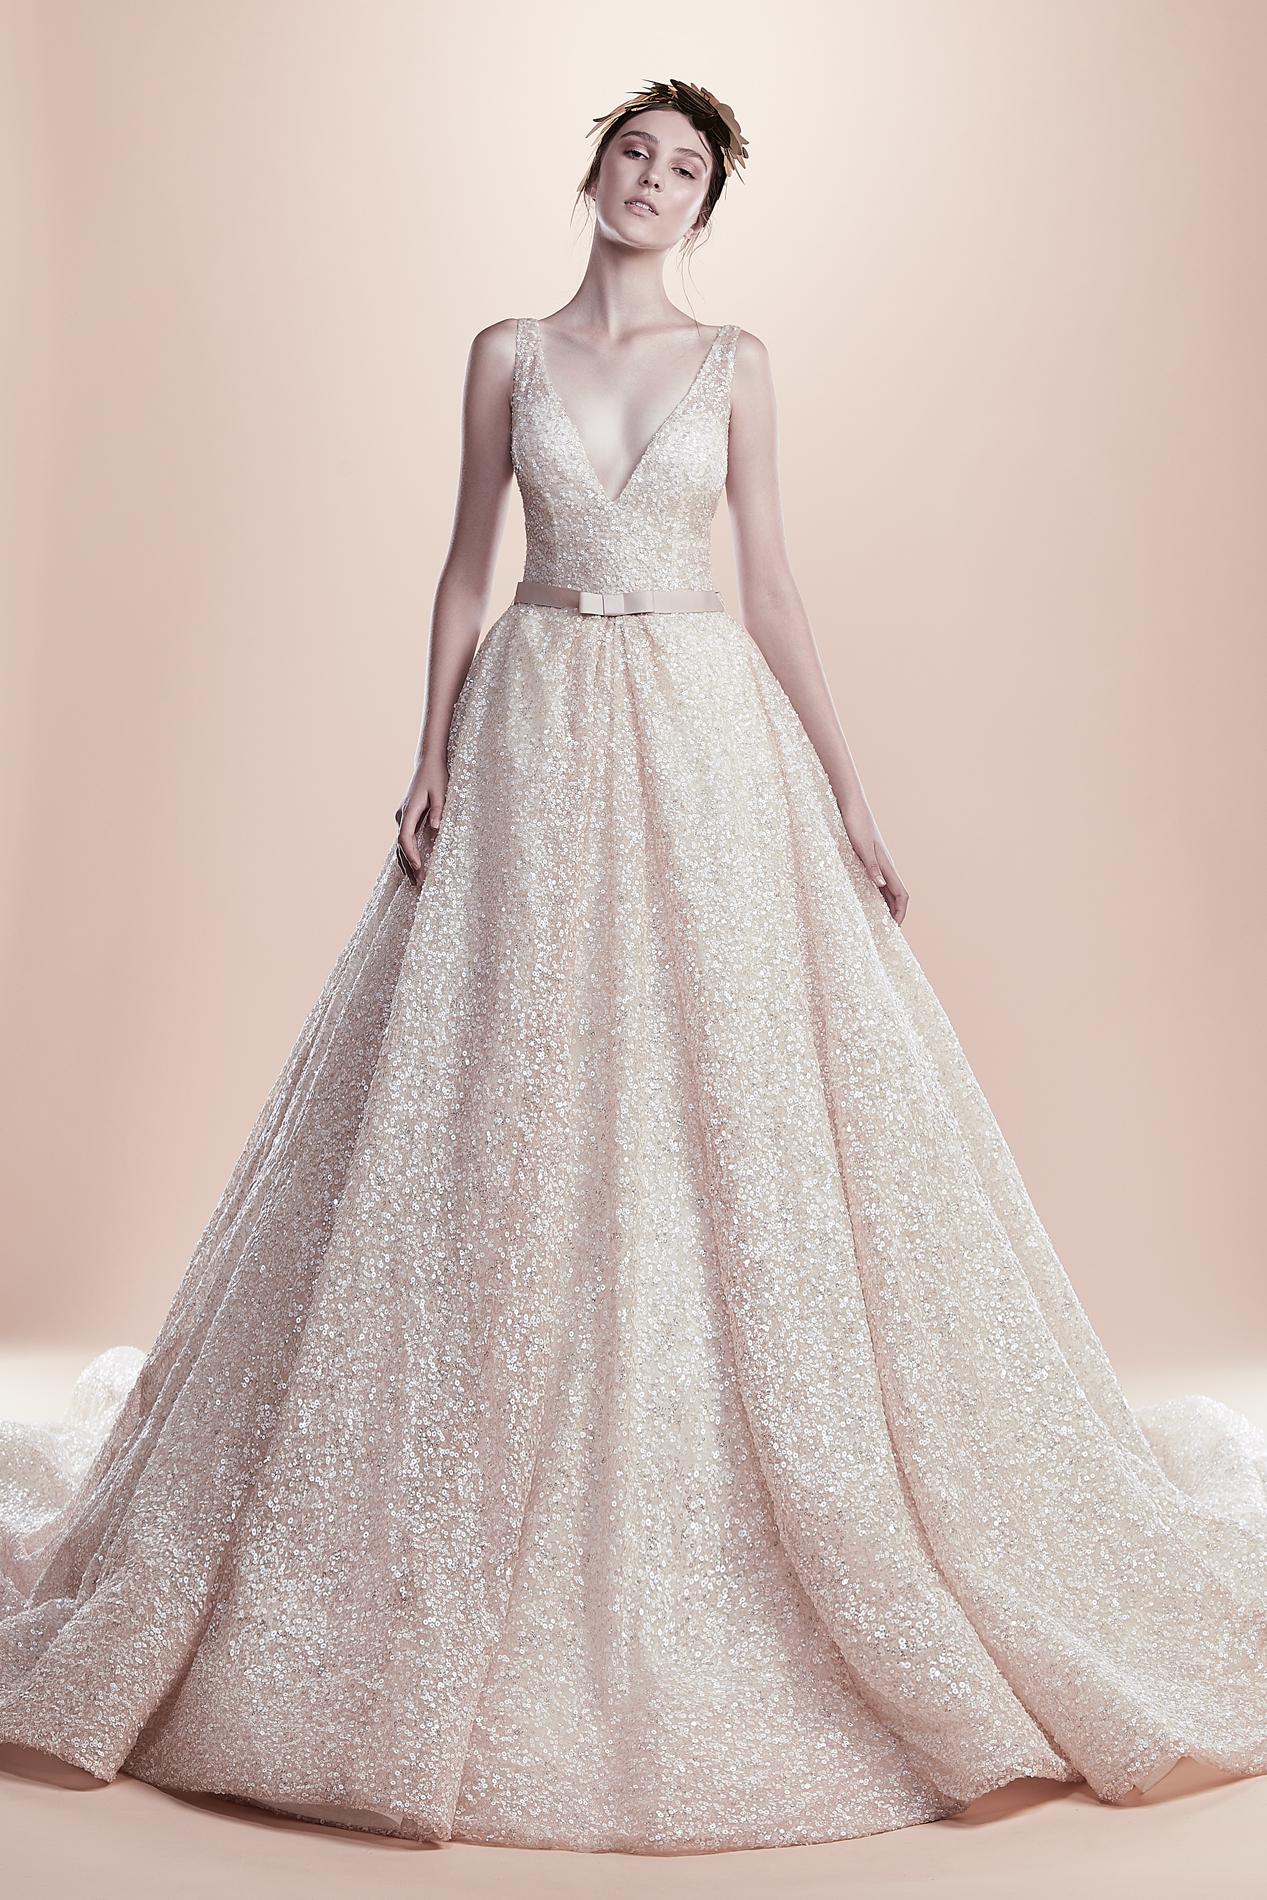 5493e5561 محلات فساتين الزفاف في شارع الوصل في دبي   موقع العروس